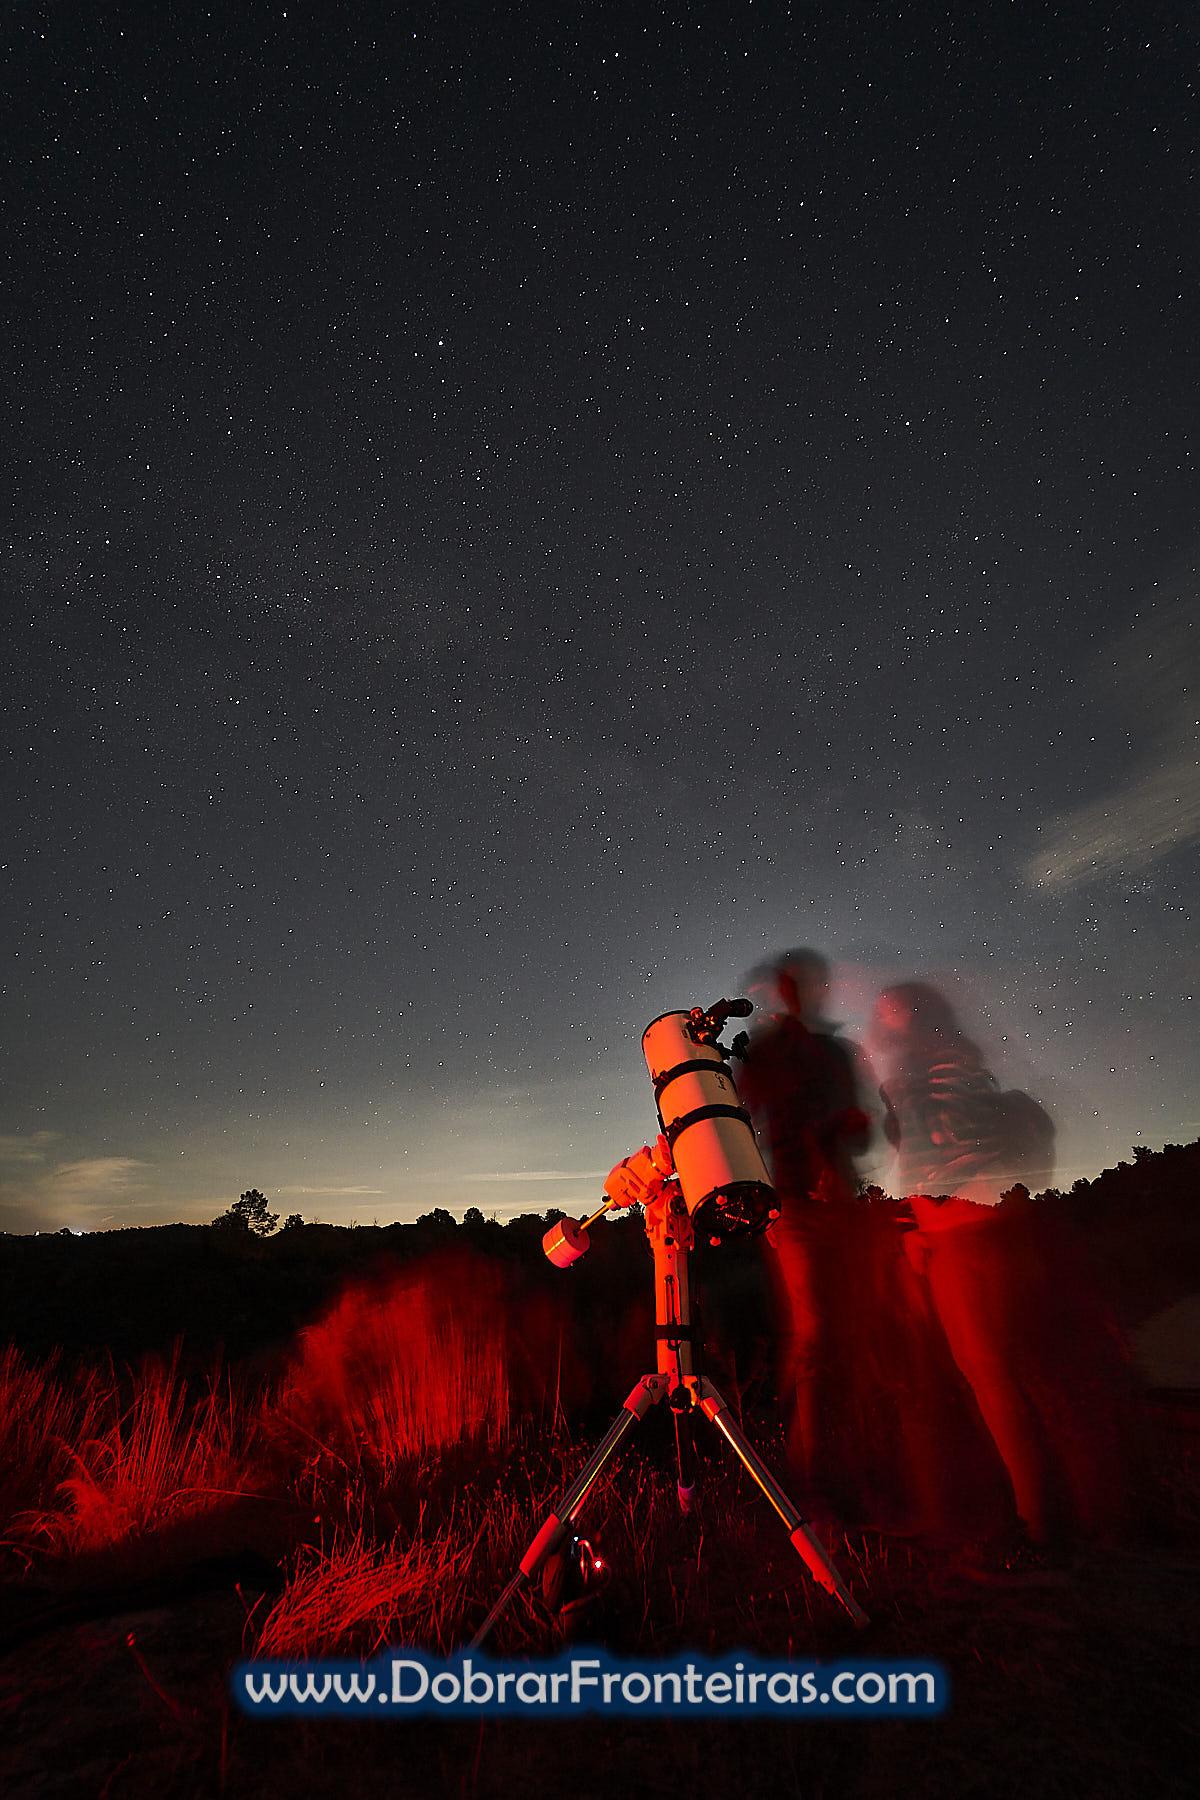 telescópio em observação de astros com céu estrelado